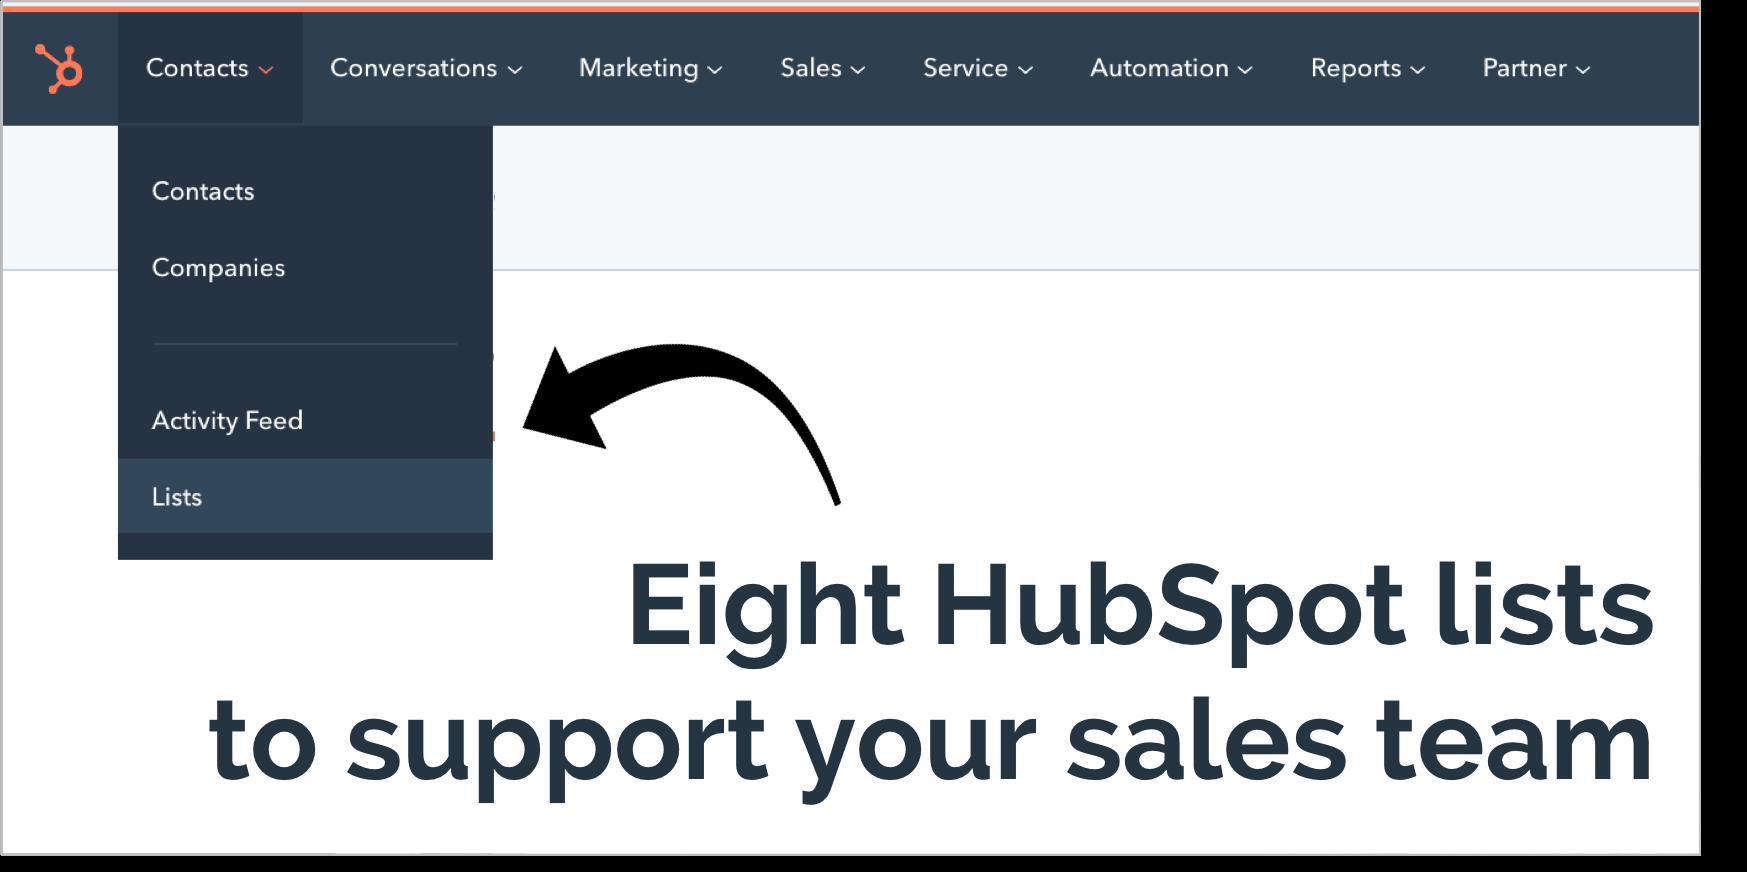 Eight HubSpot Lists